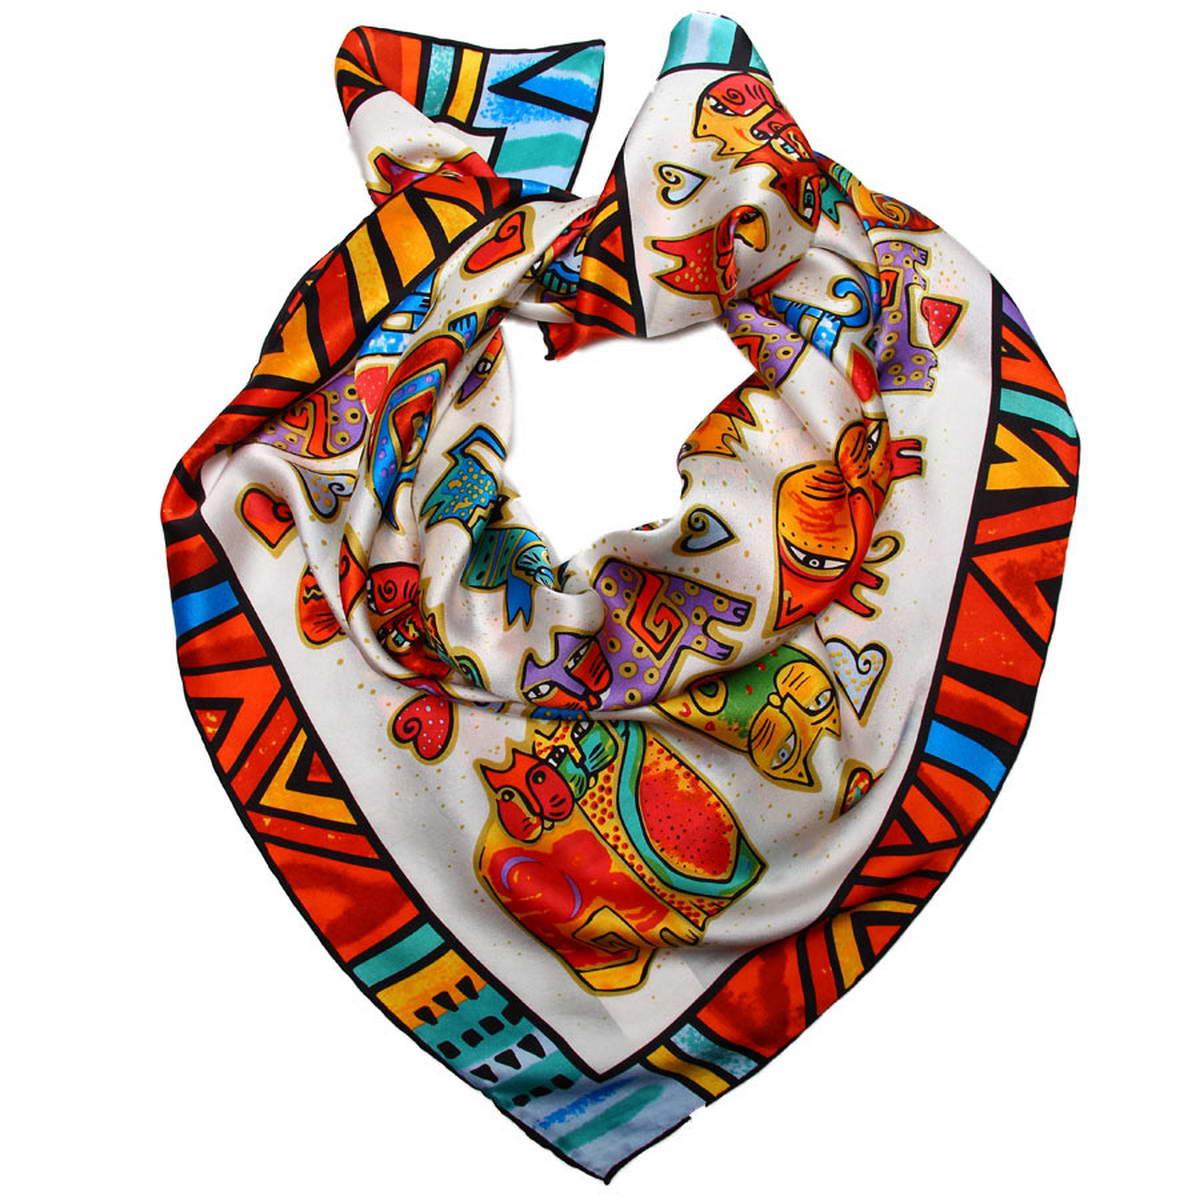 1810712-1Стильный женский платок Venera станет великолепным завершением любого наряда. Платок изготовлен из высококачественного 100% шелка и оформлен красочным принтом с изображением забавных кошек. Классическая квадратная форма позволяет носить платок на шее, украшать им прическу или декорировать сумочку. Легкий, мягкий и шелковистый платок поможет вам создать изысканный женственный образ, а также согреет в непогоду. Такой платок превосходно дополнит любой наряд и подчеркнет ваш неповторимый вкус и элегантность.